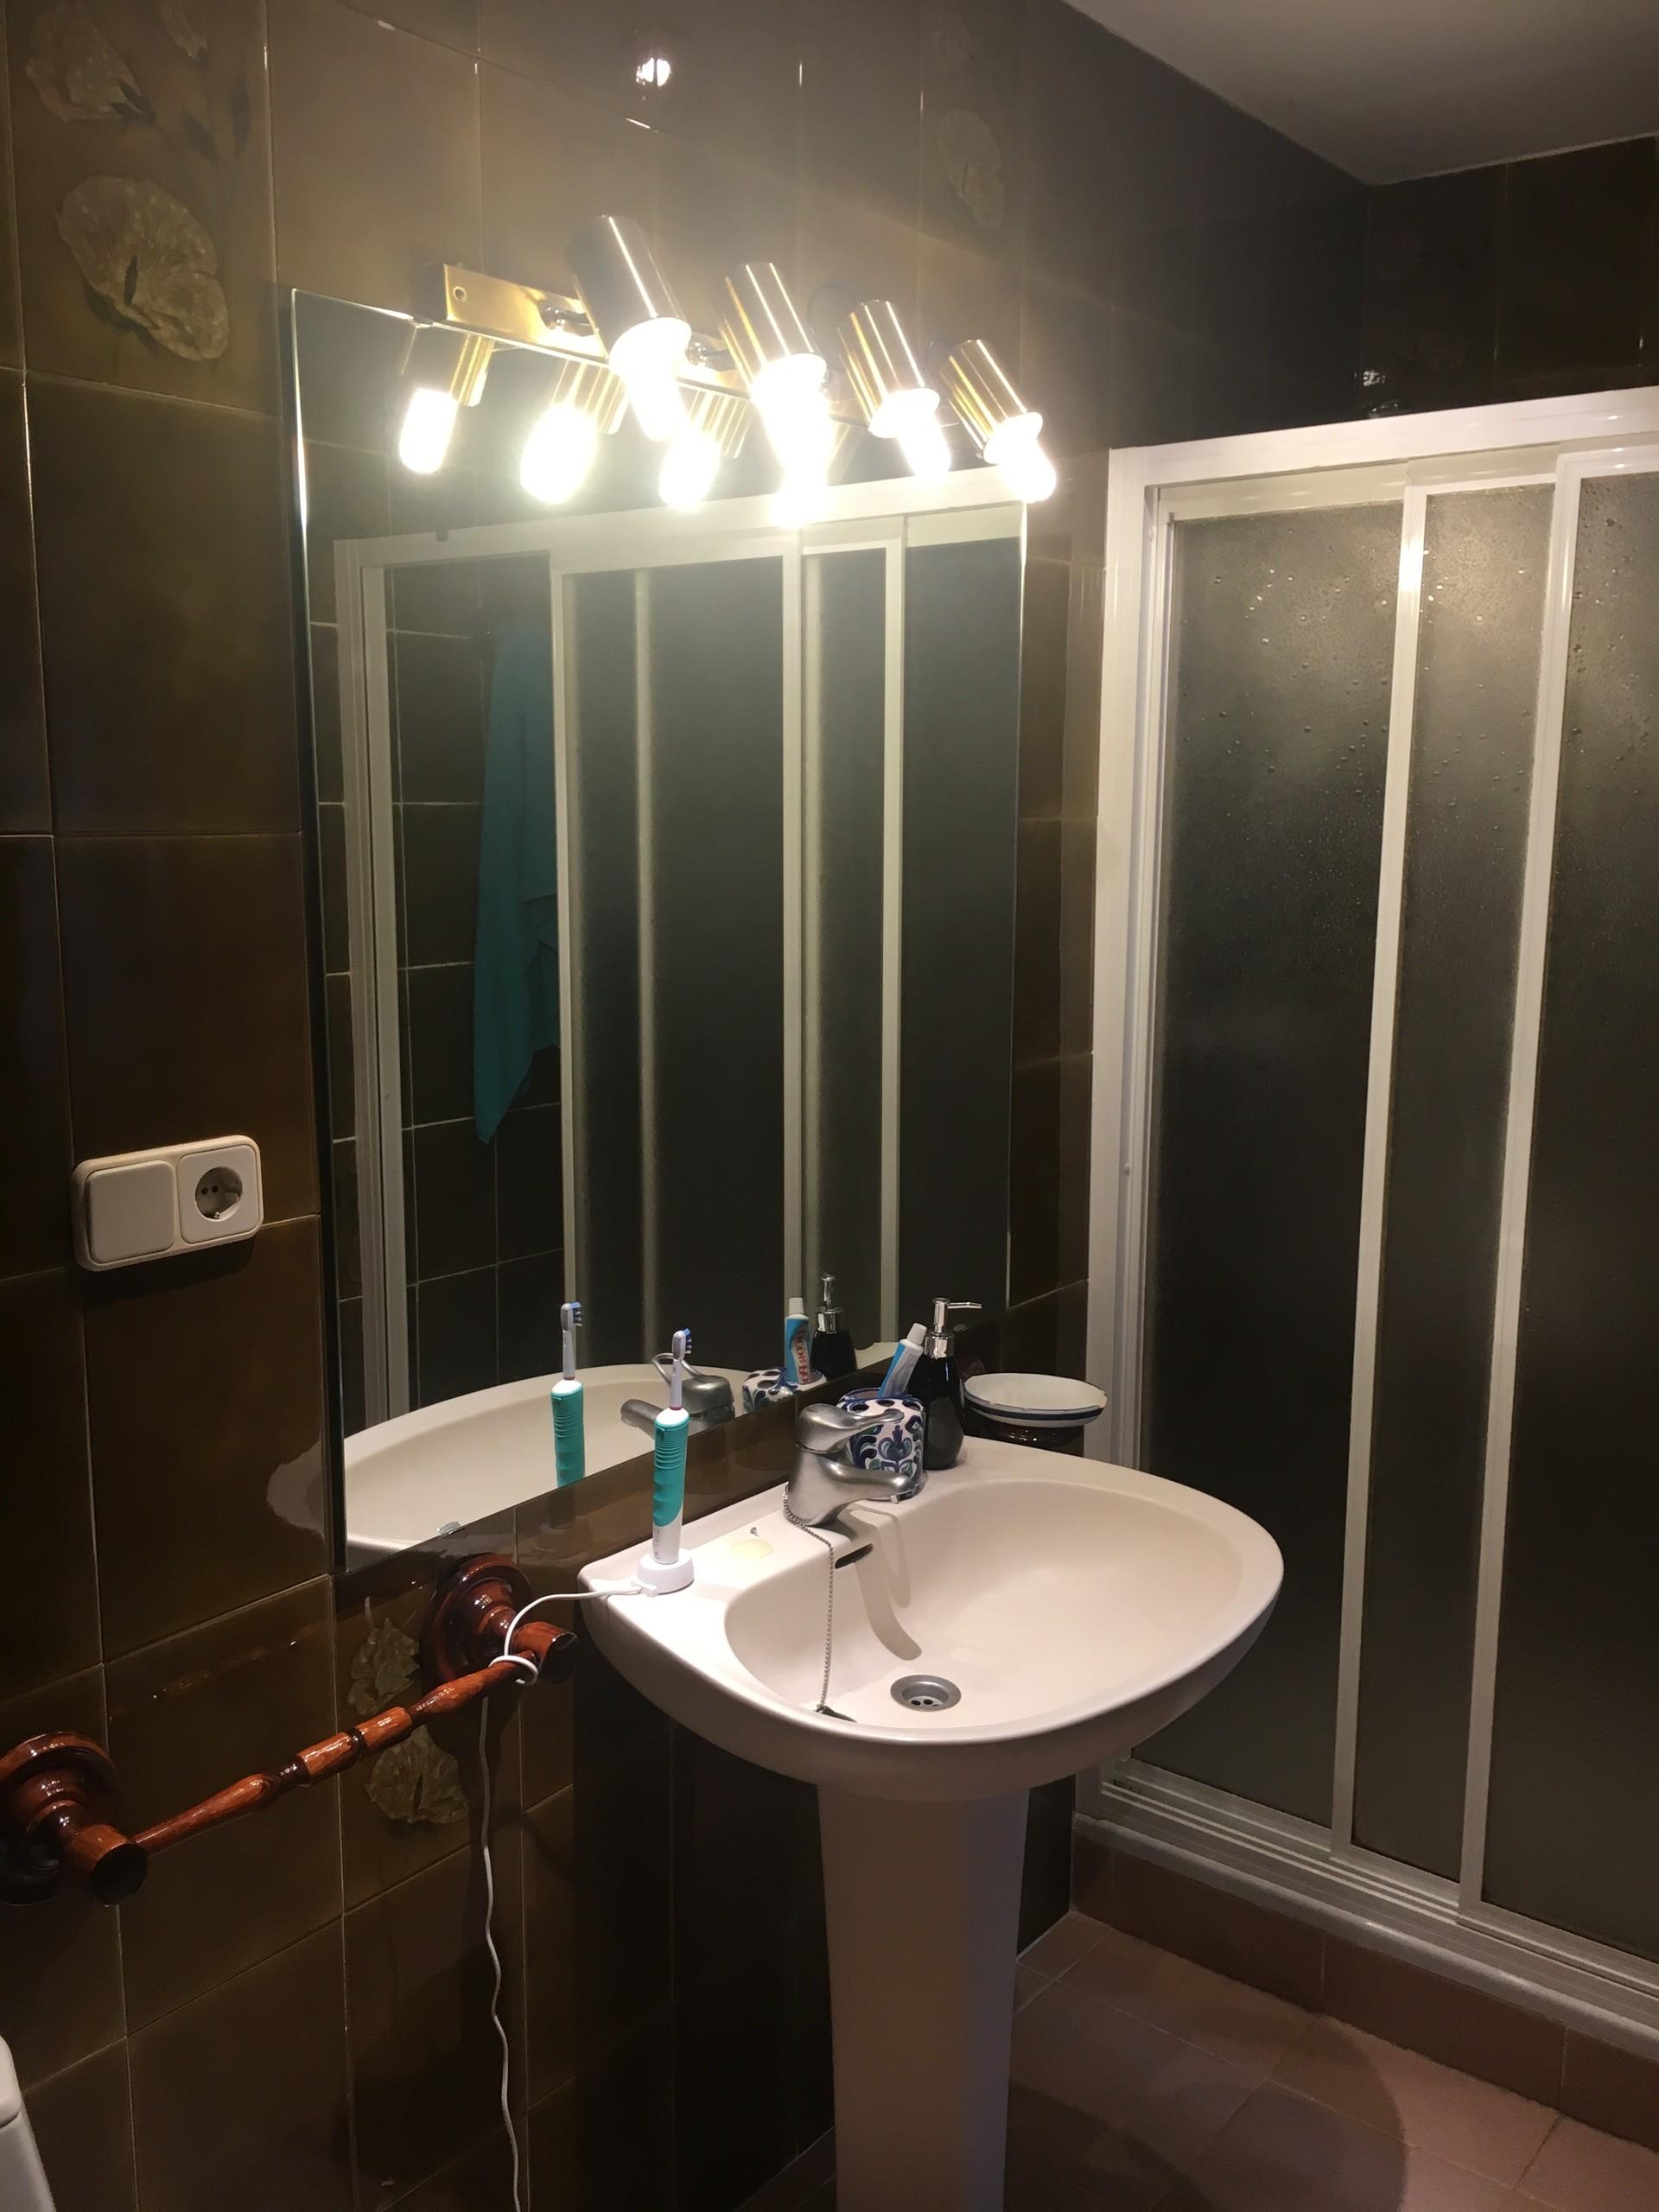 Habitación enorme y luminosa con baño privado en M